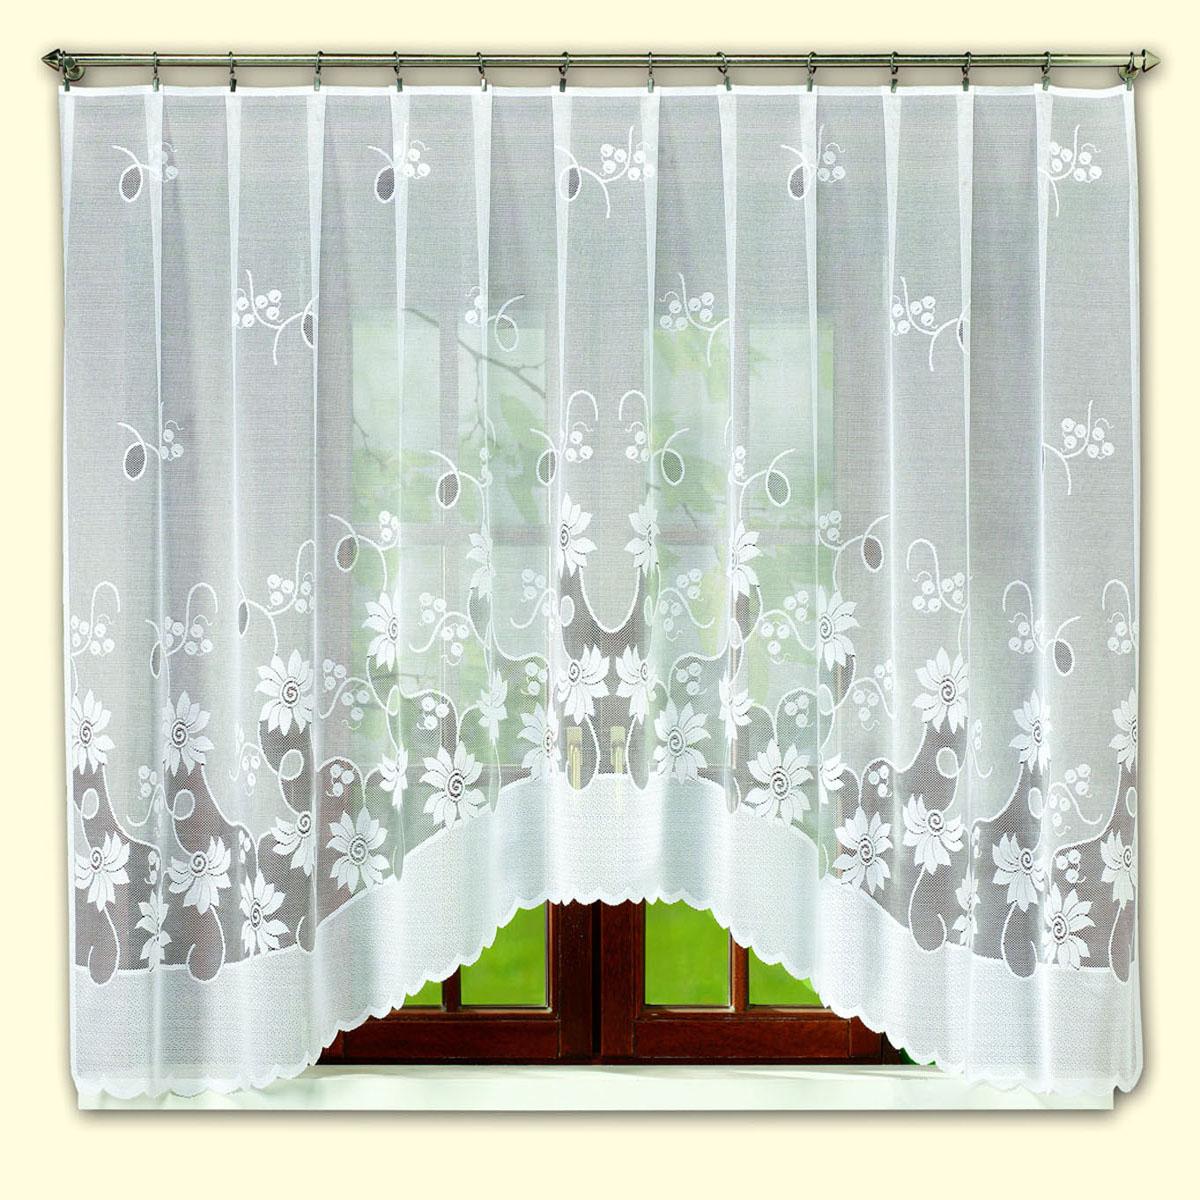 Гардина Haft, цвет: белый, ширина 400 см, высота 145 см. 46171/1454617/175жаккардовая гардина белого цвета на широкое окно Размеры: высота 175см, ширина 400 см